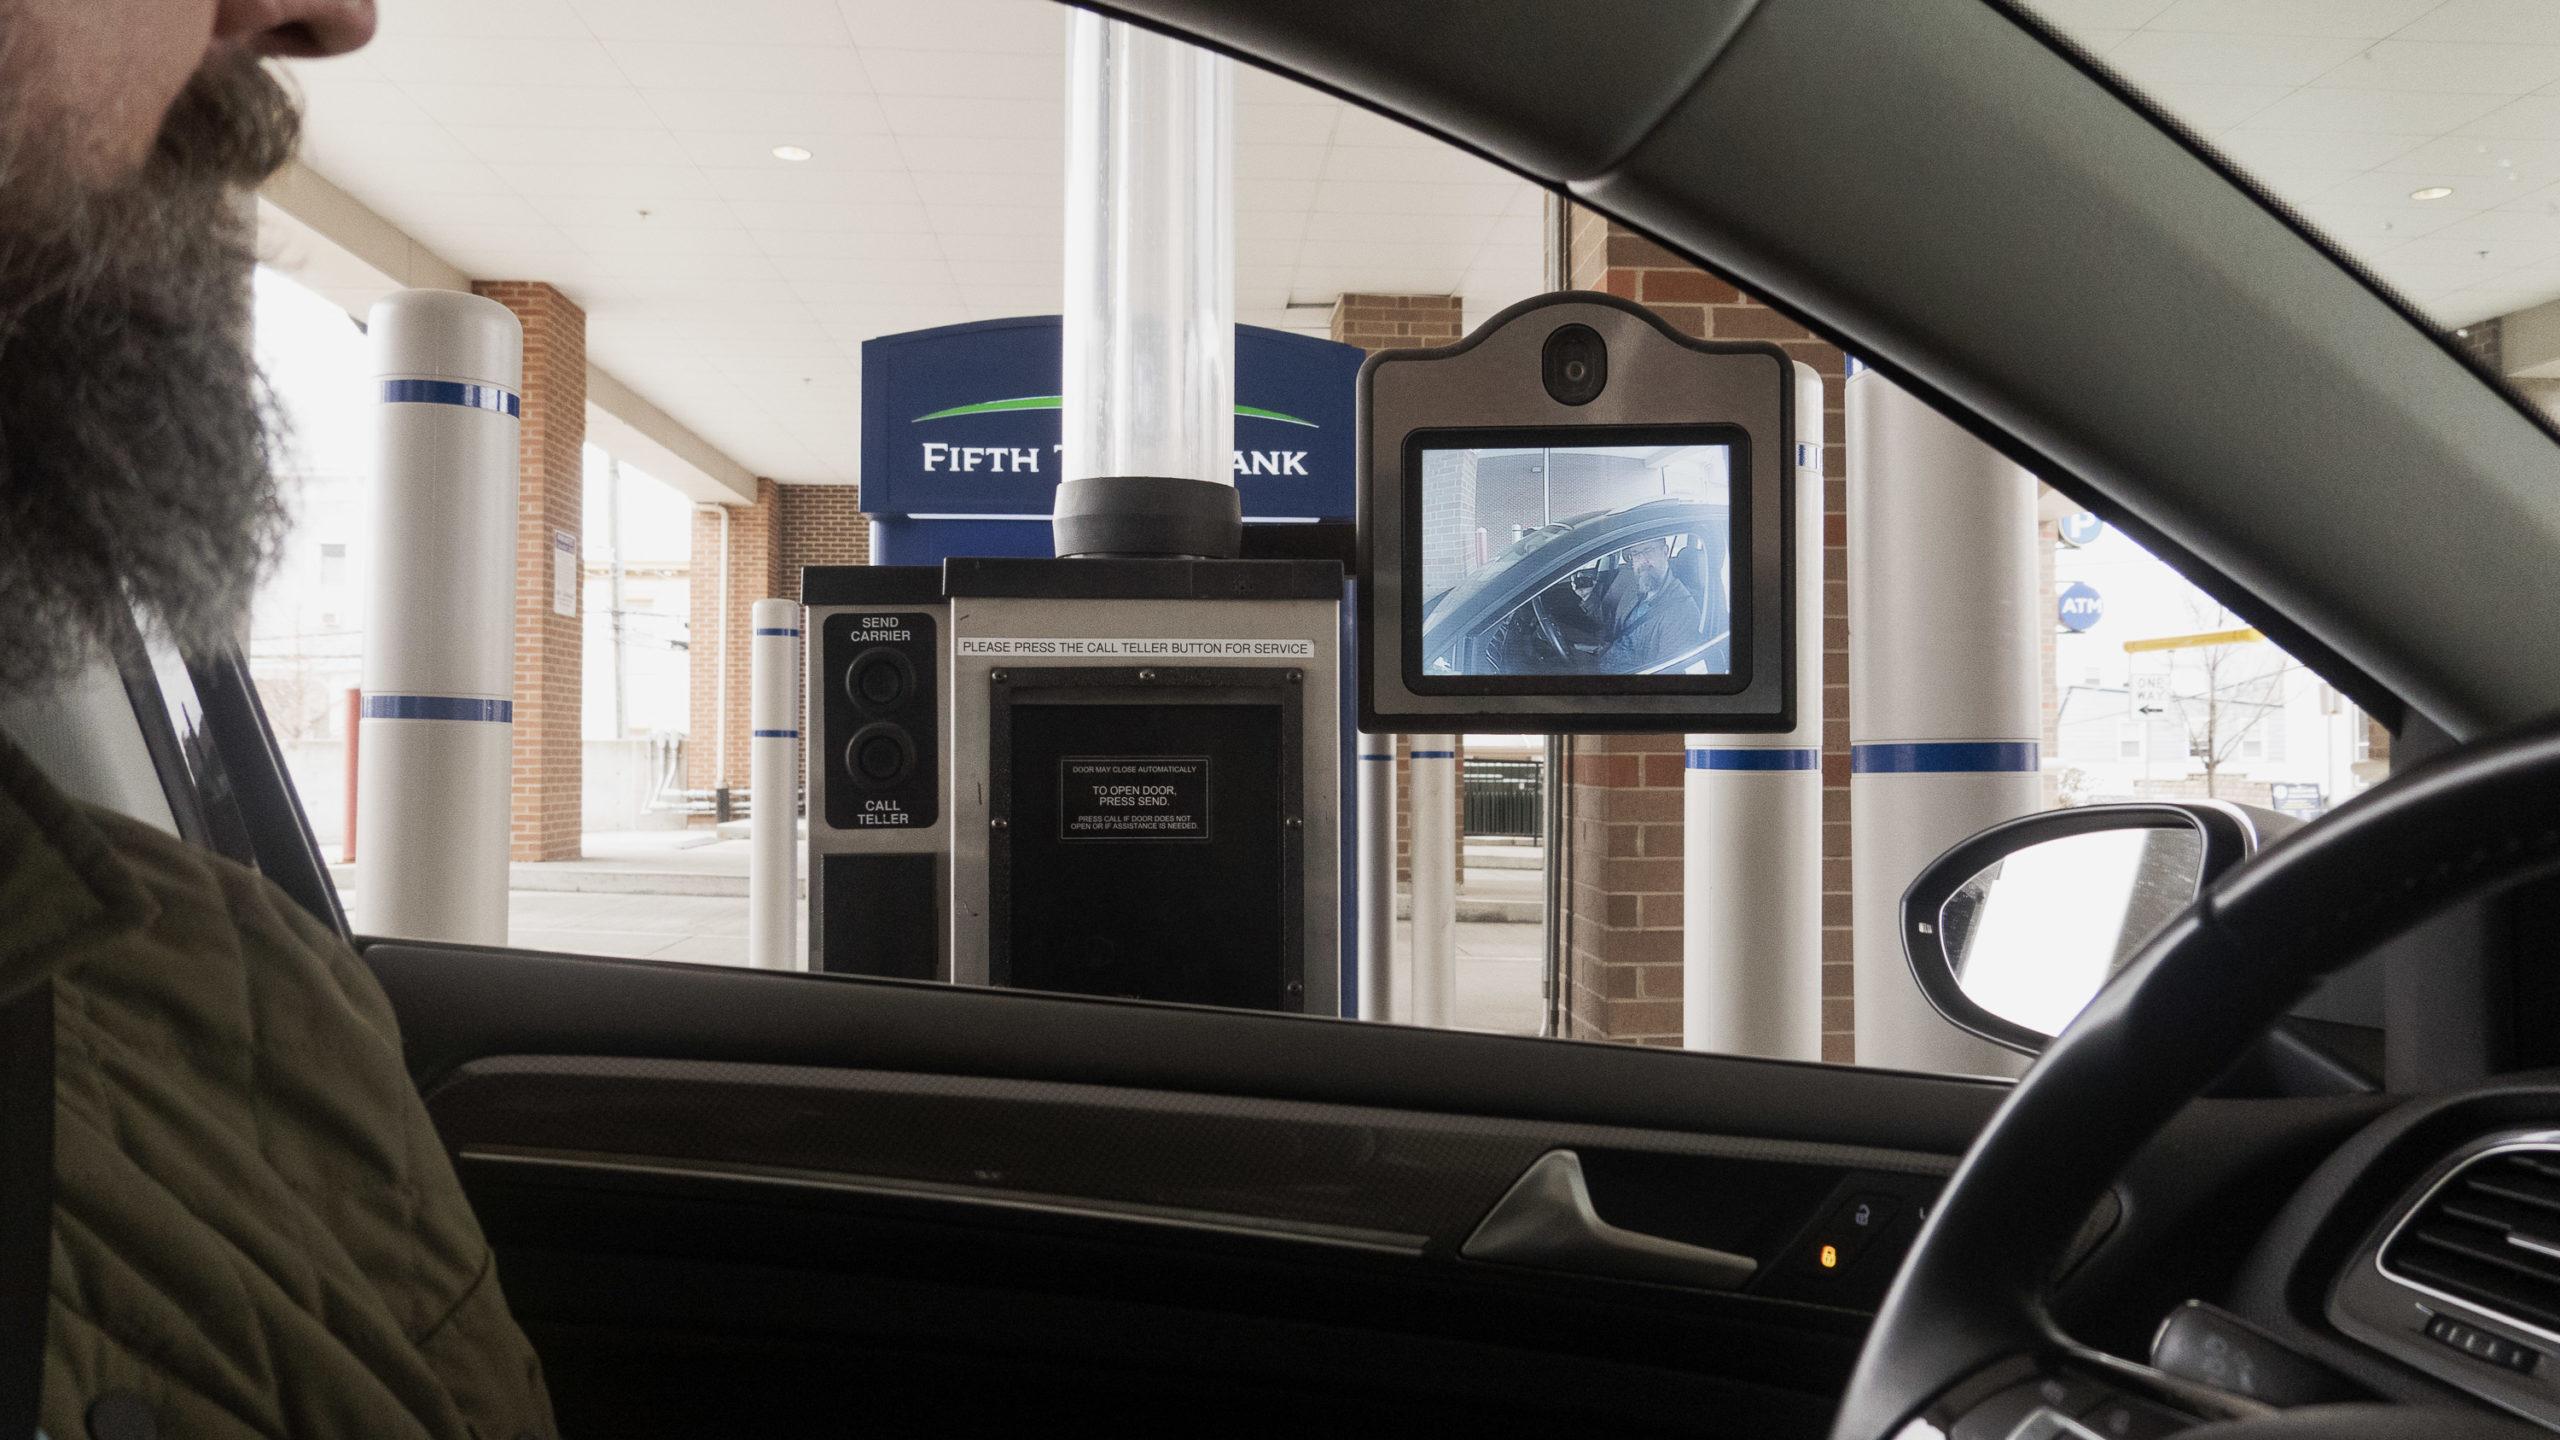 Remote teller at a bank